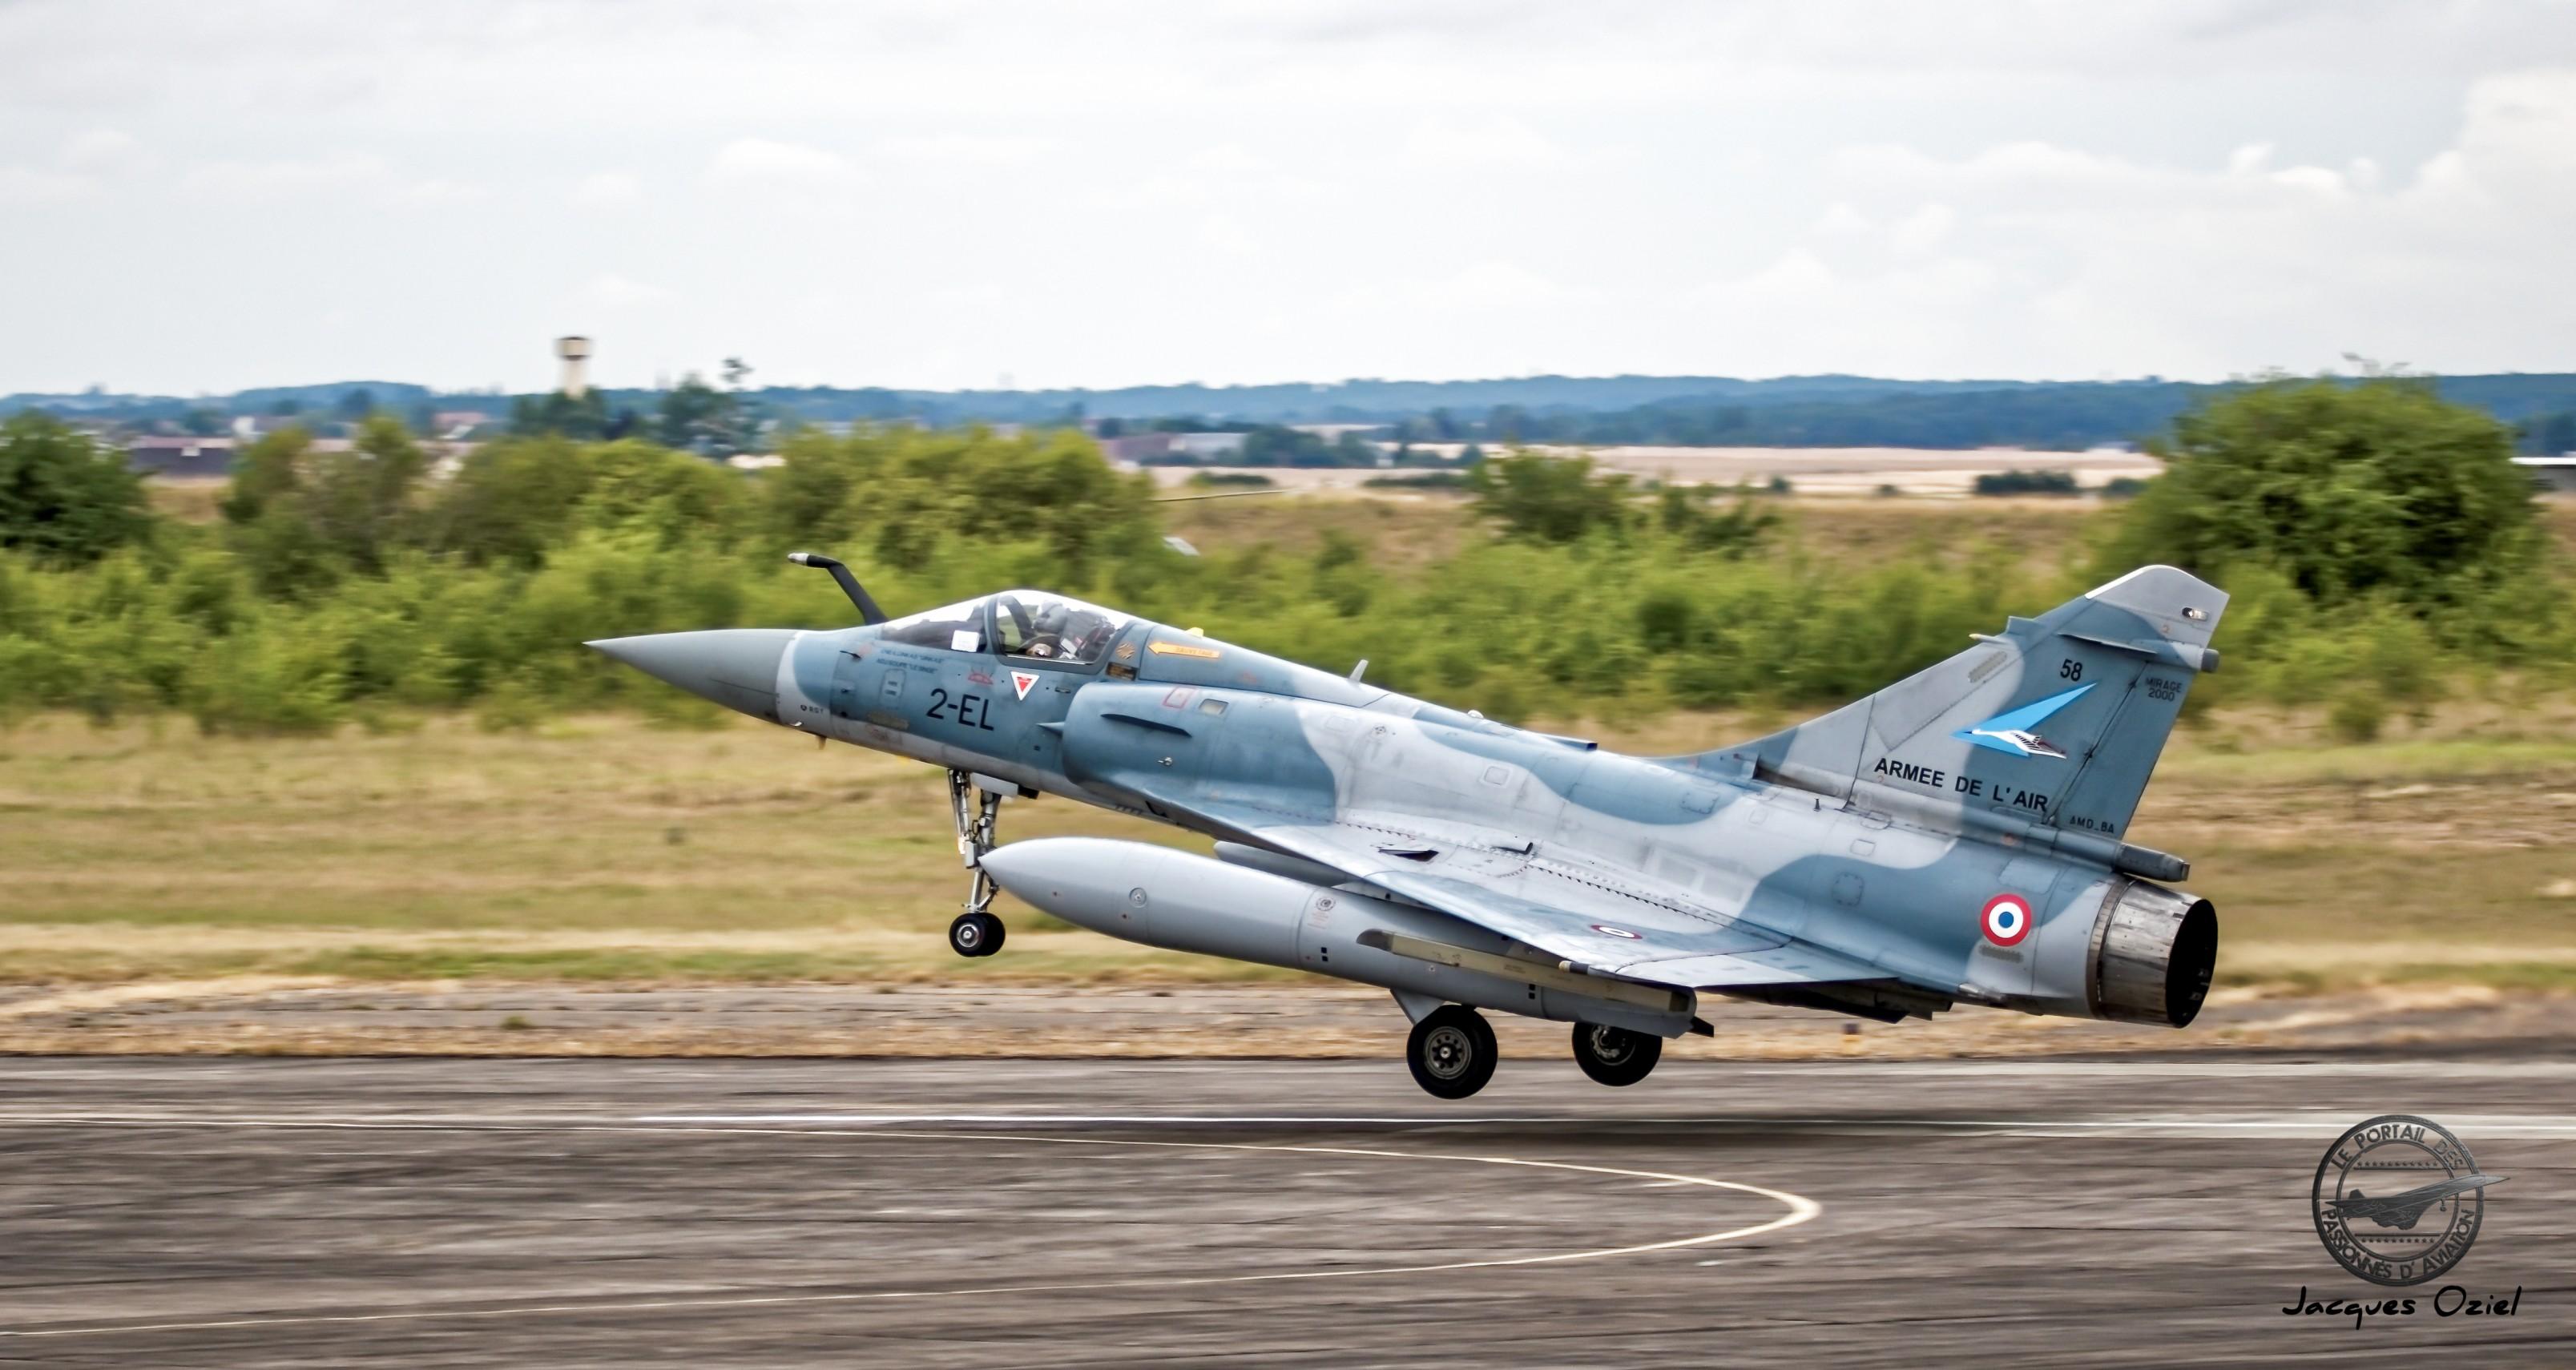 Dassault Mirage 2000-5F - 58/2-EL - France/EC 1/2 Cigognes